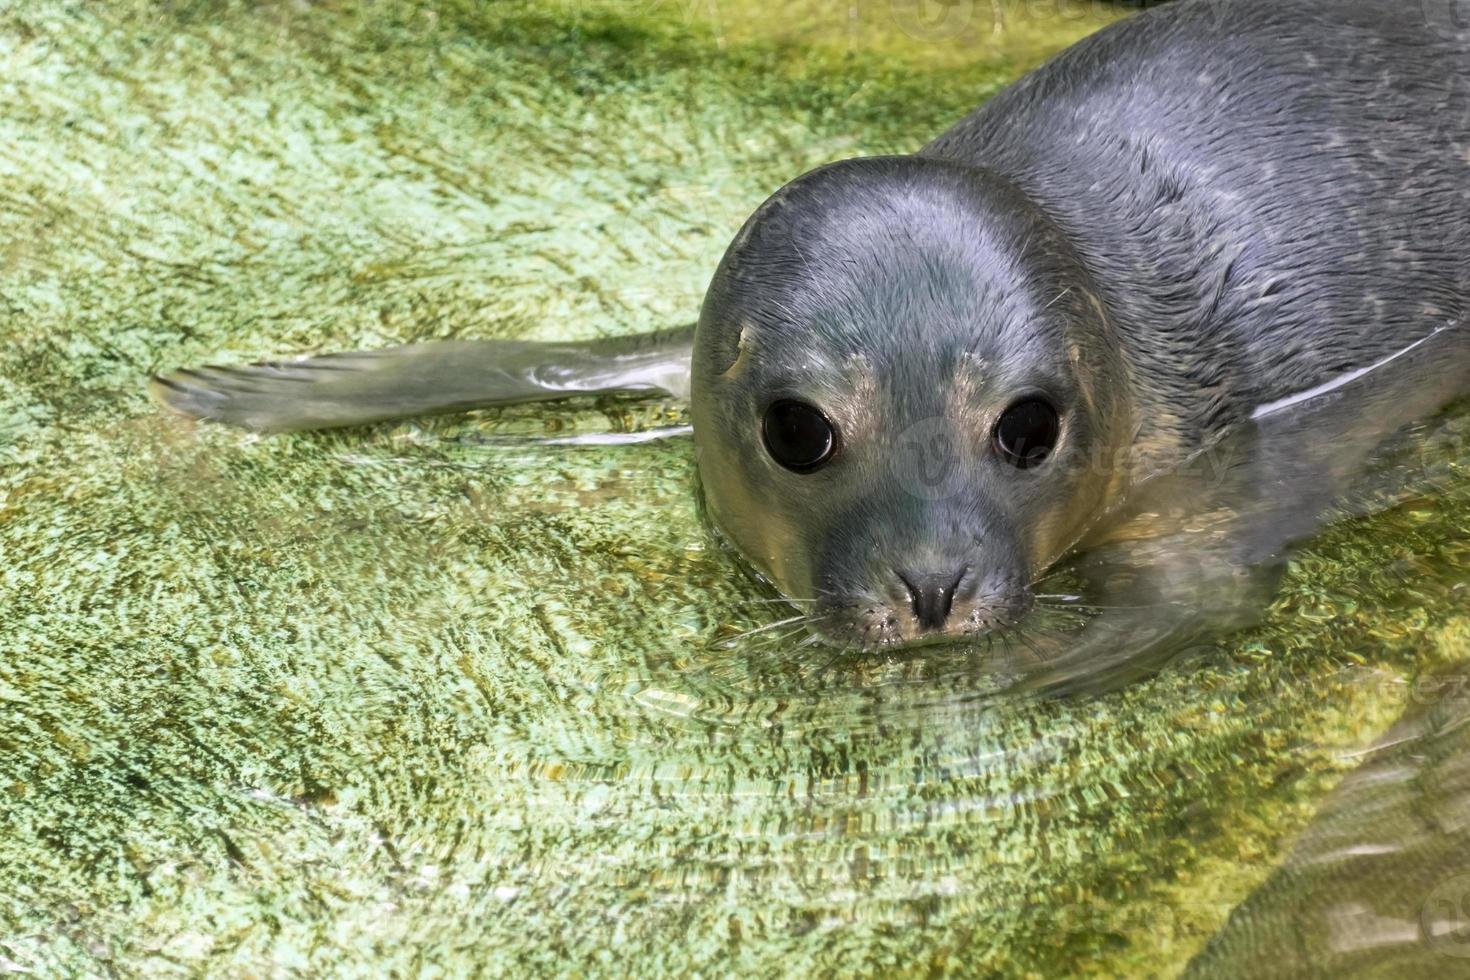 selo-porto recém-nascido (phoca vitulina) foto